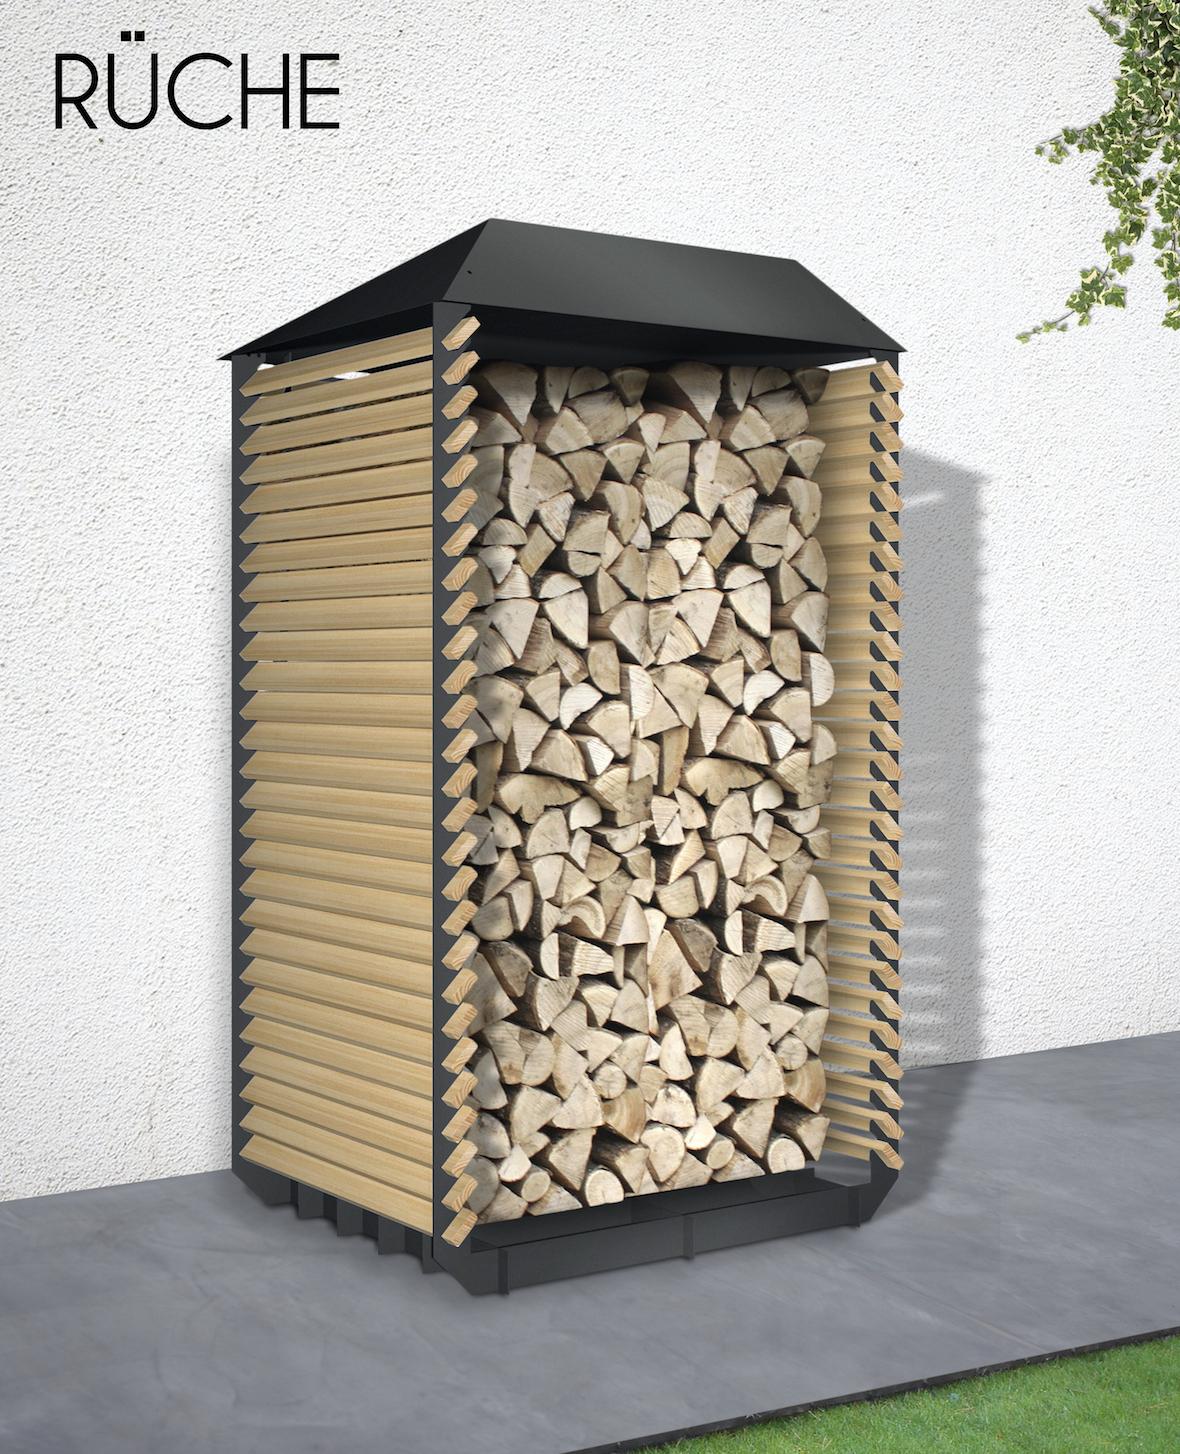 Abris-Bois Extérieur Pour Améliorer La Qualité Du Bois De ... intérieur Abri Bois Exterieur